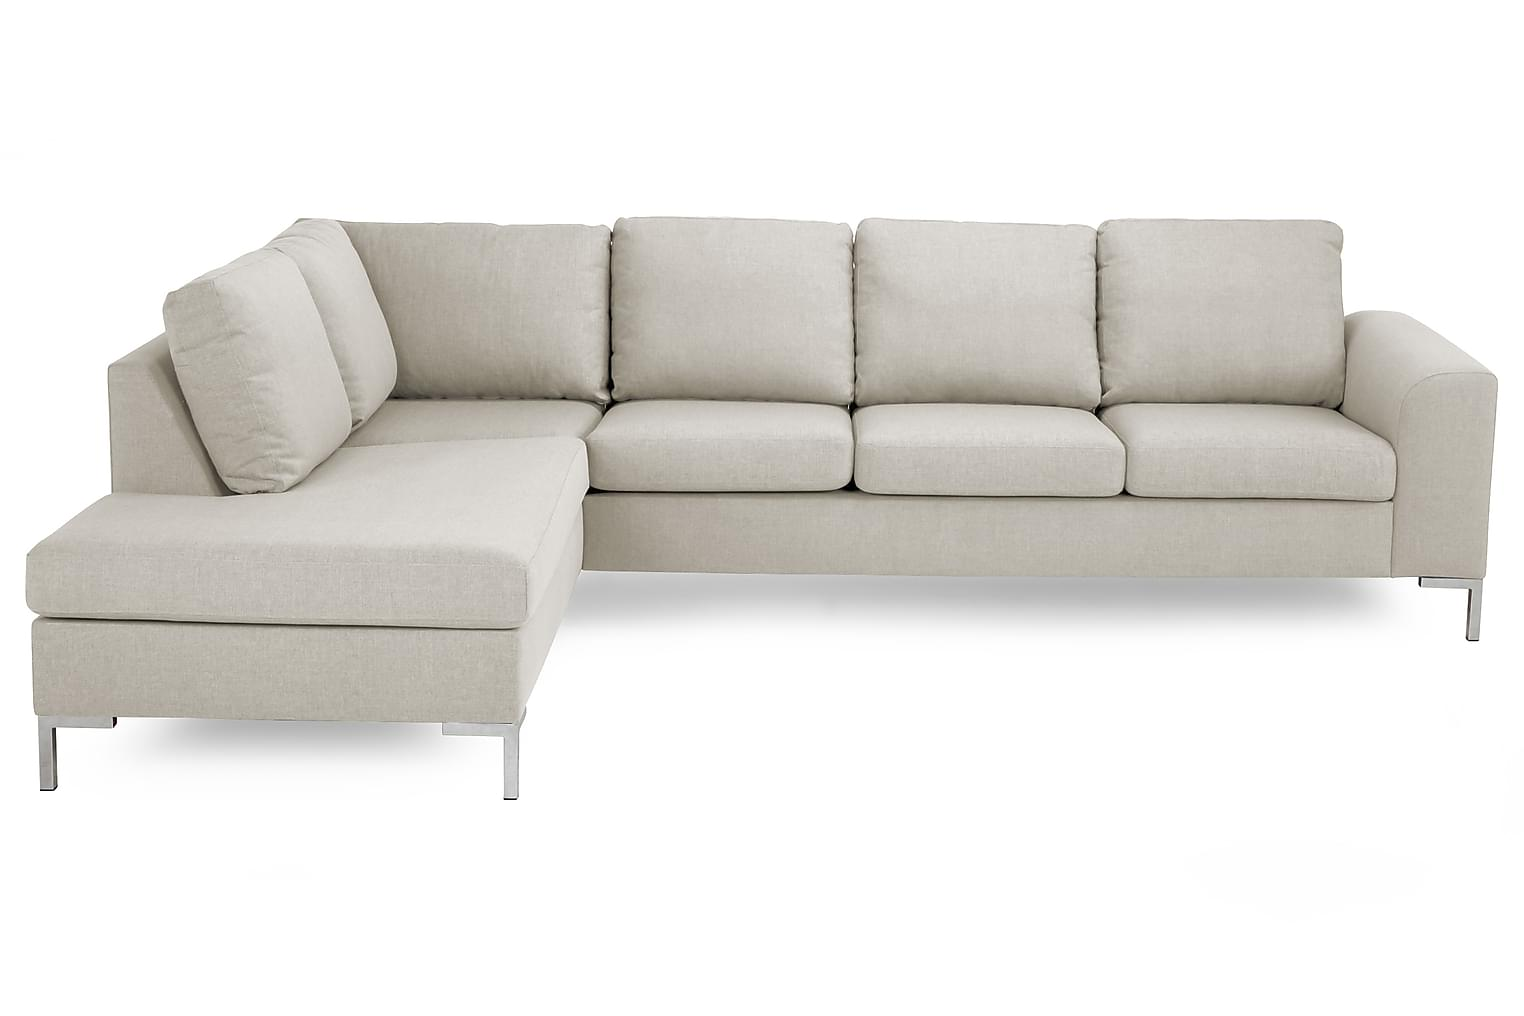 TURIN L-soffa 3-sits Vänster Beige/Metall -